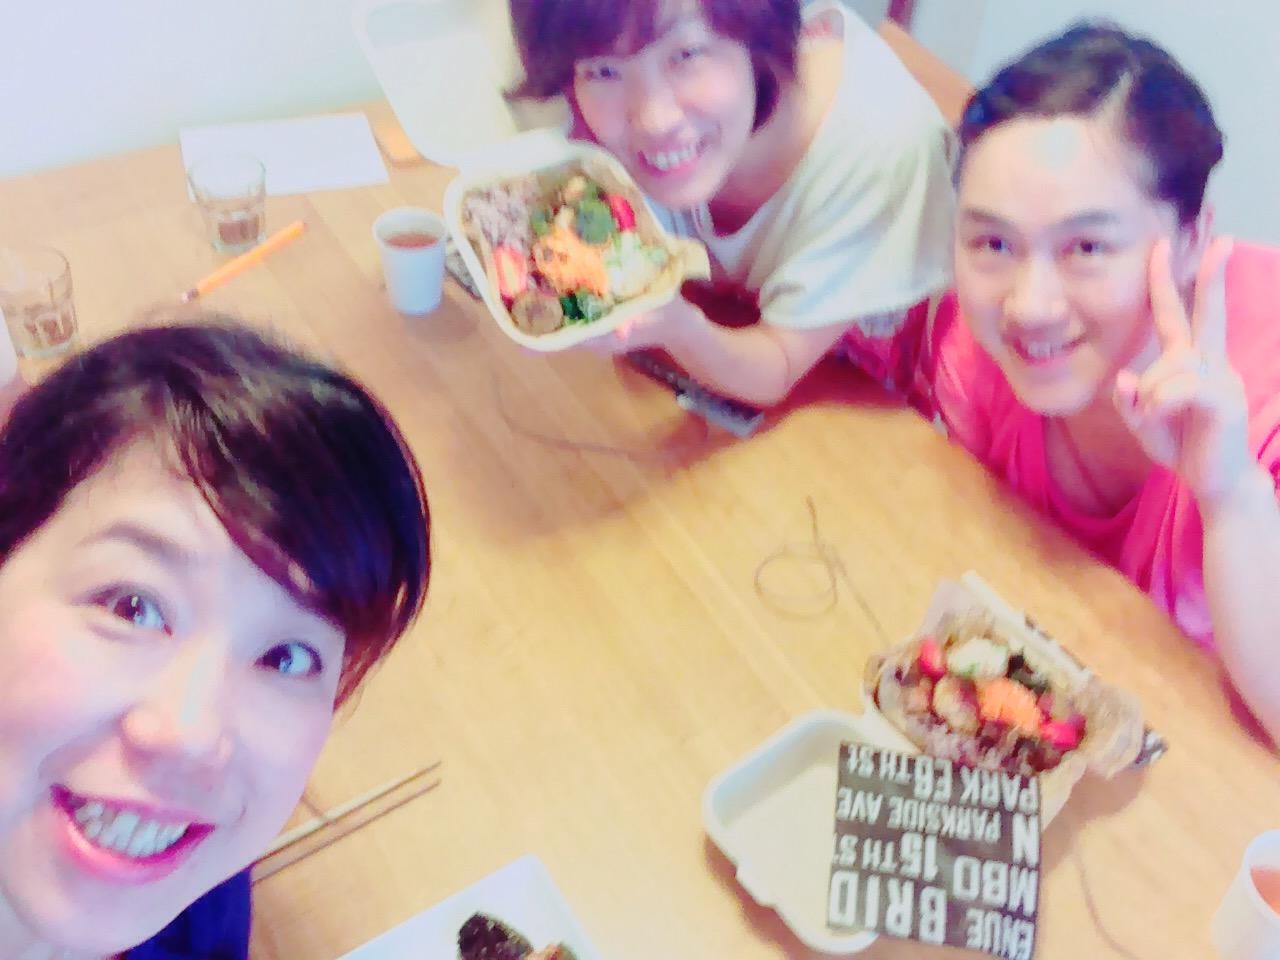 遊ぶように家事をする主婦が増えたら、日本の未来は明るい!そう信じて行動します。